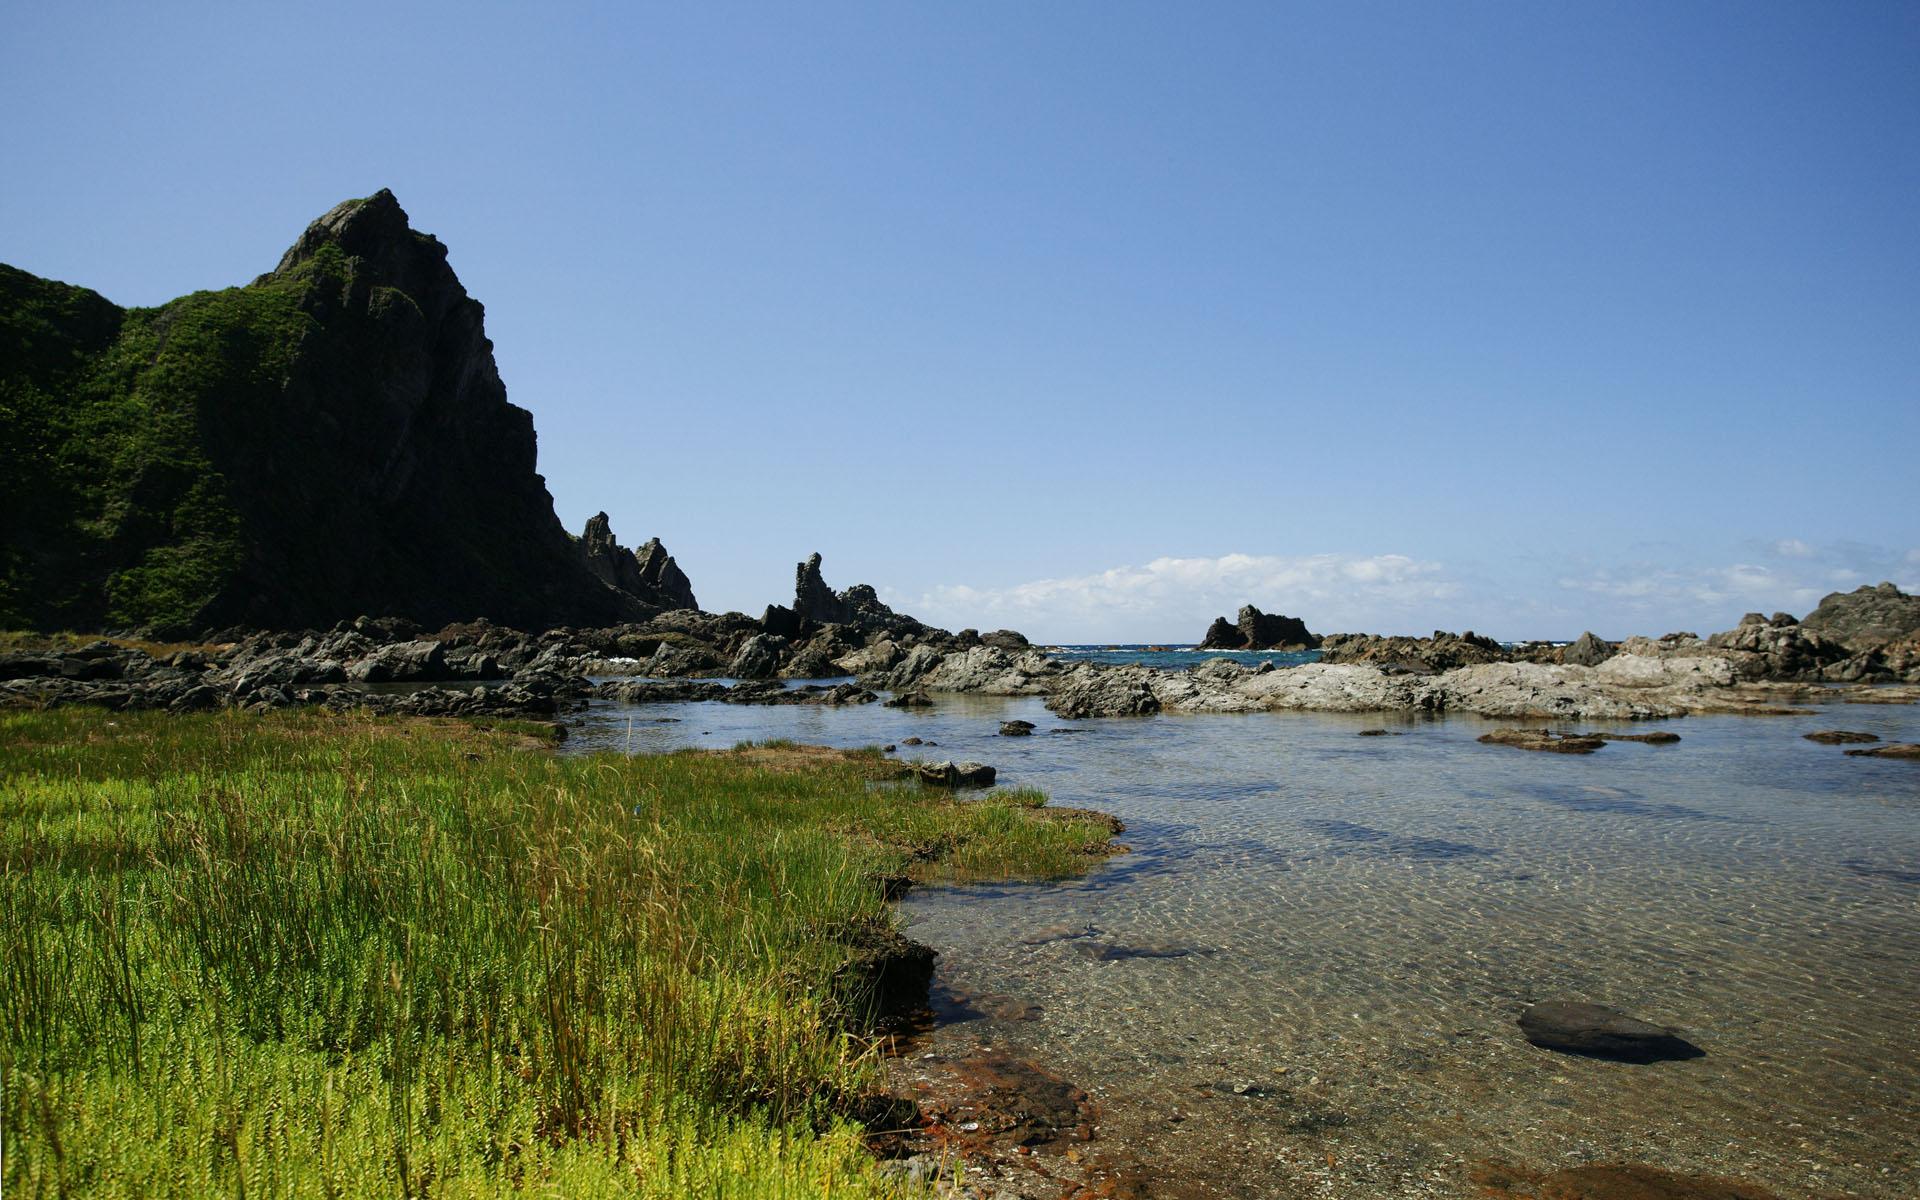 日本风景电脑壁纸_日本山水风景_日本春天风景